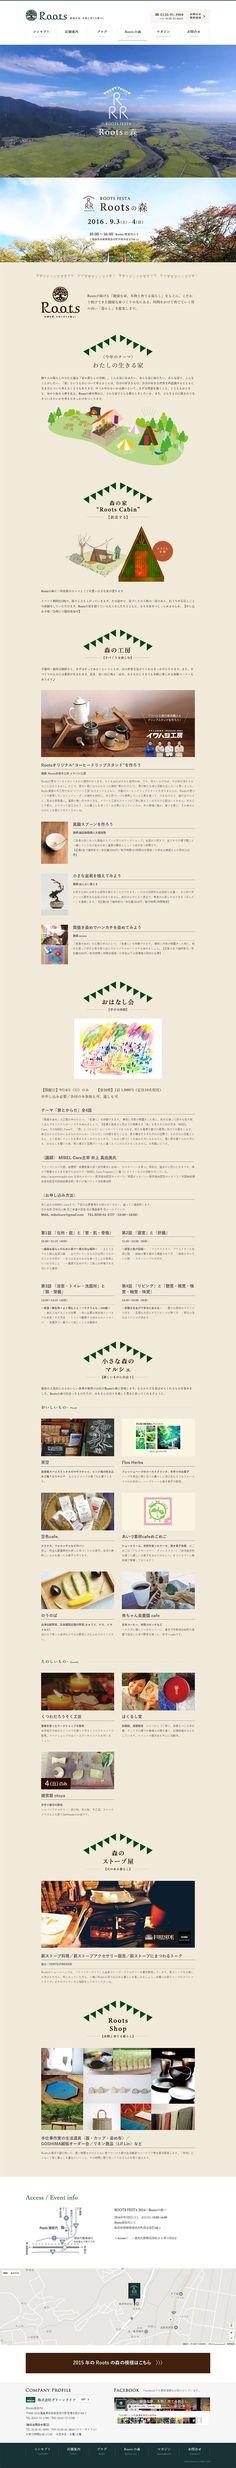 Rootsの森|WEBデザイナーさん必見!ランディングページのデザイン参考に(ナチュラル系)